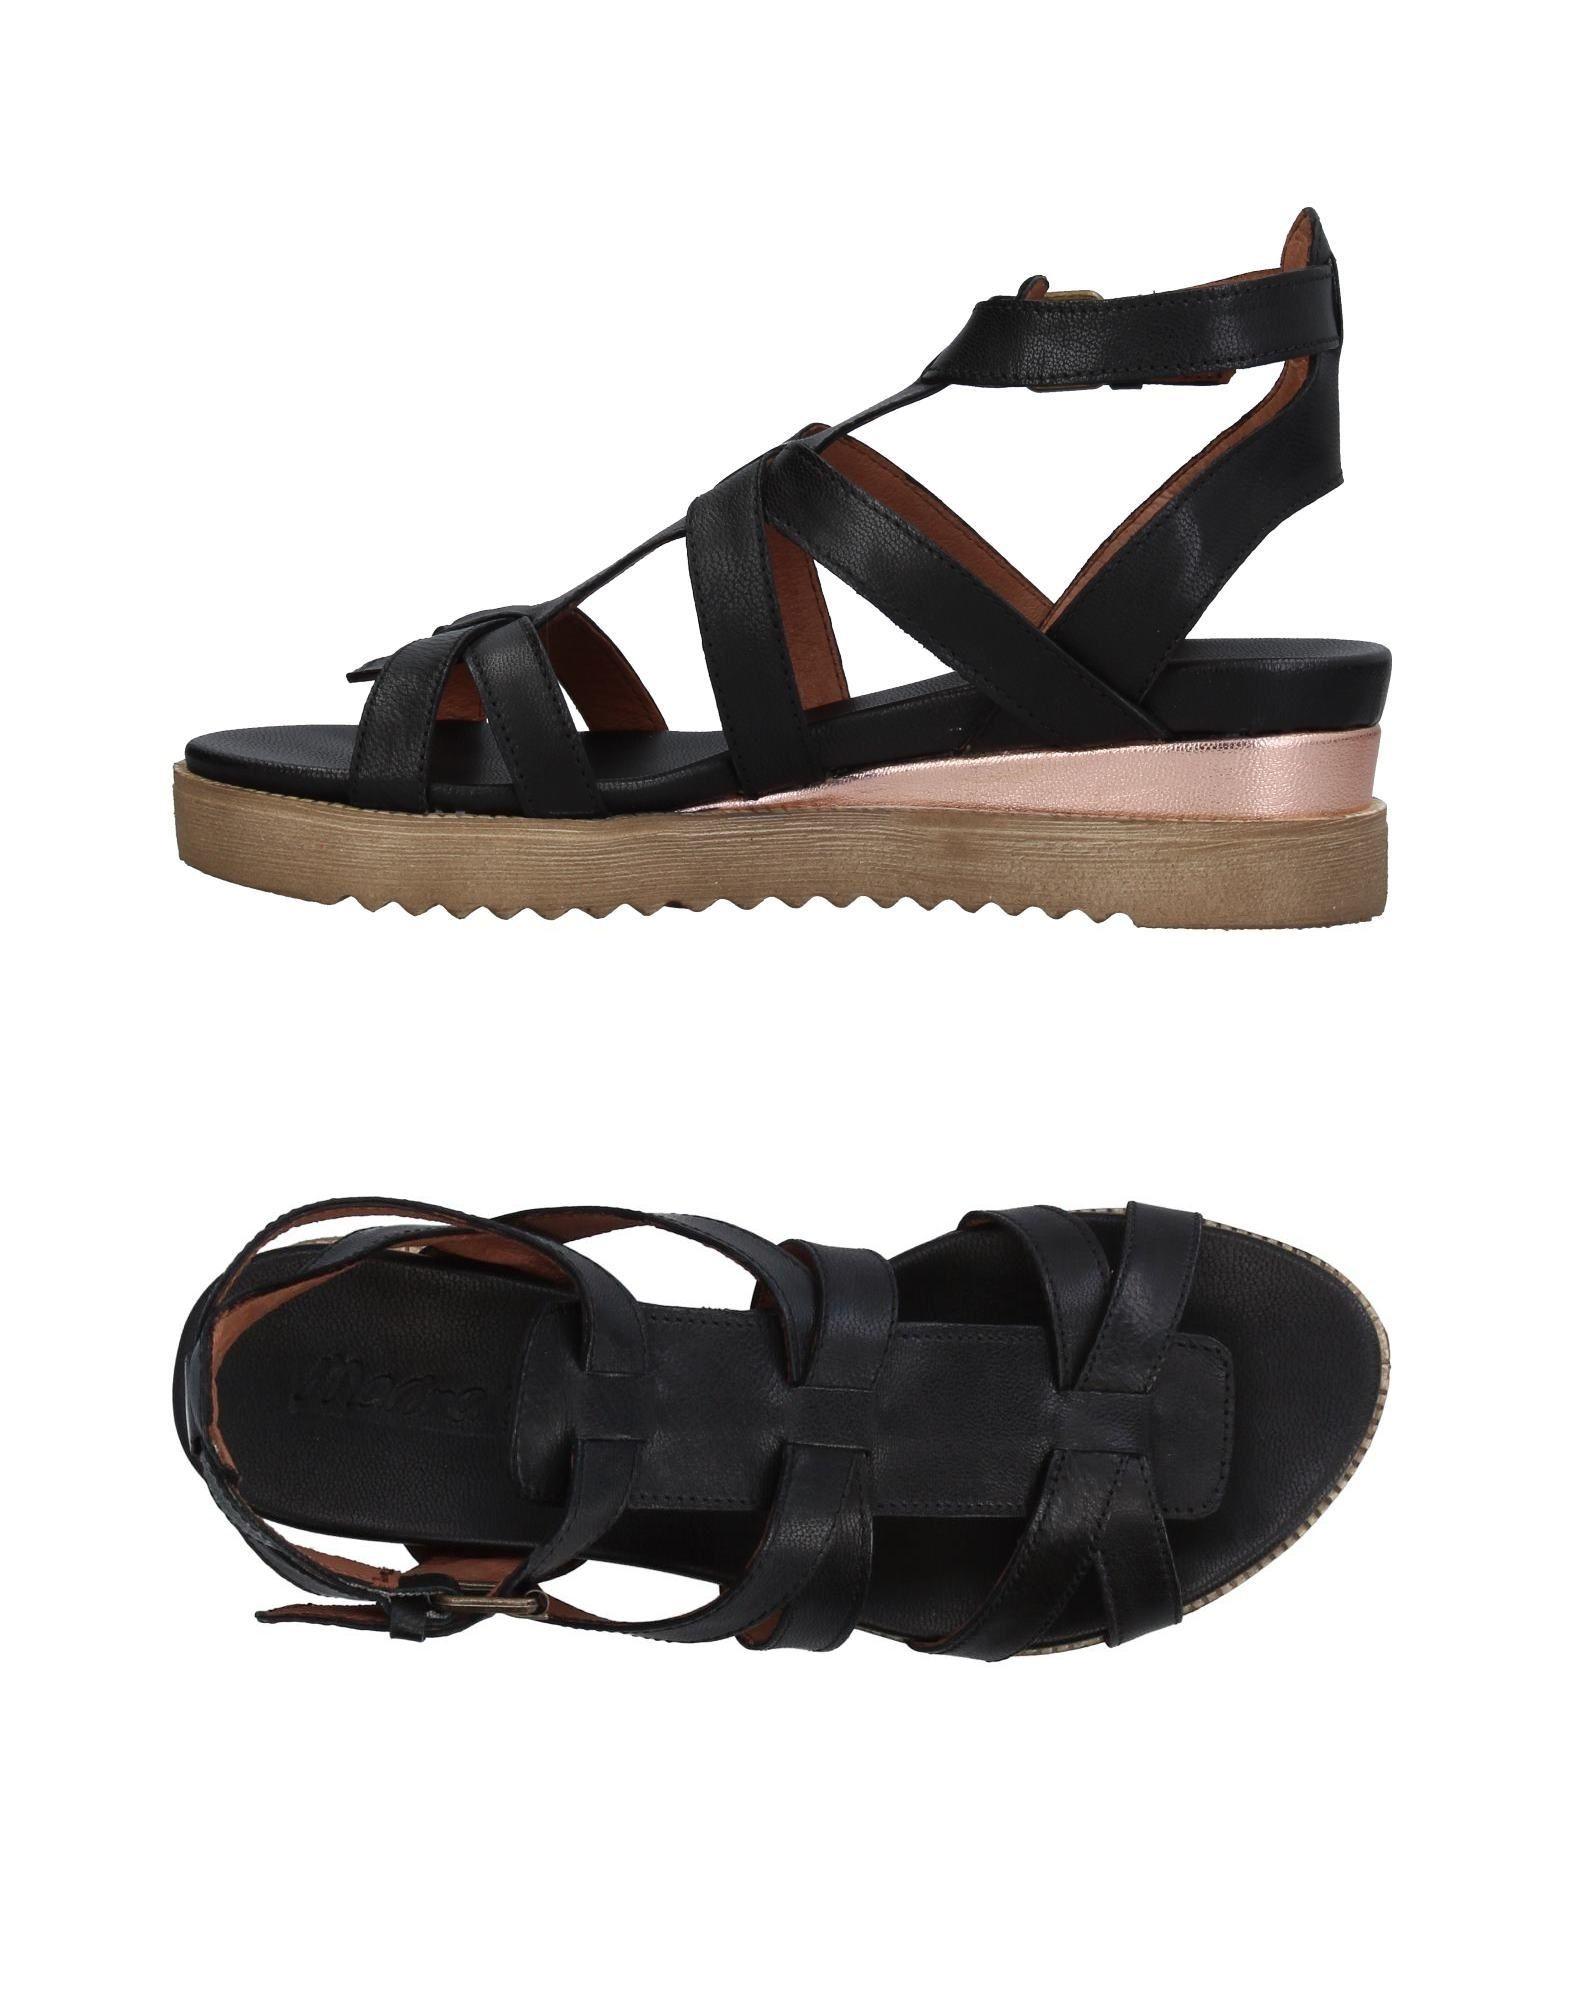 Marina Grey Sandalen Damen beliebte  11374424EX Gute Qualität beliebte Damen Schuhe 9a8c01